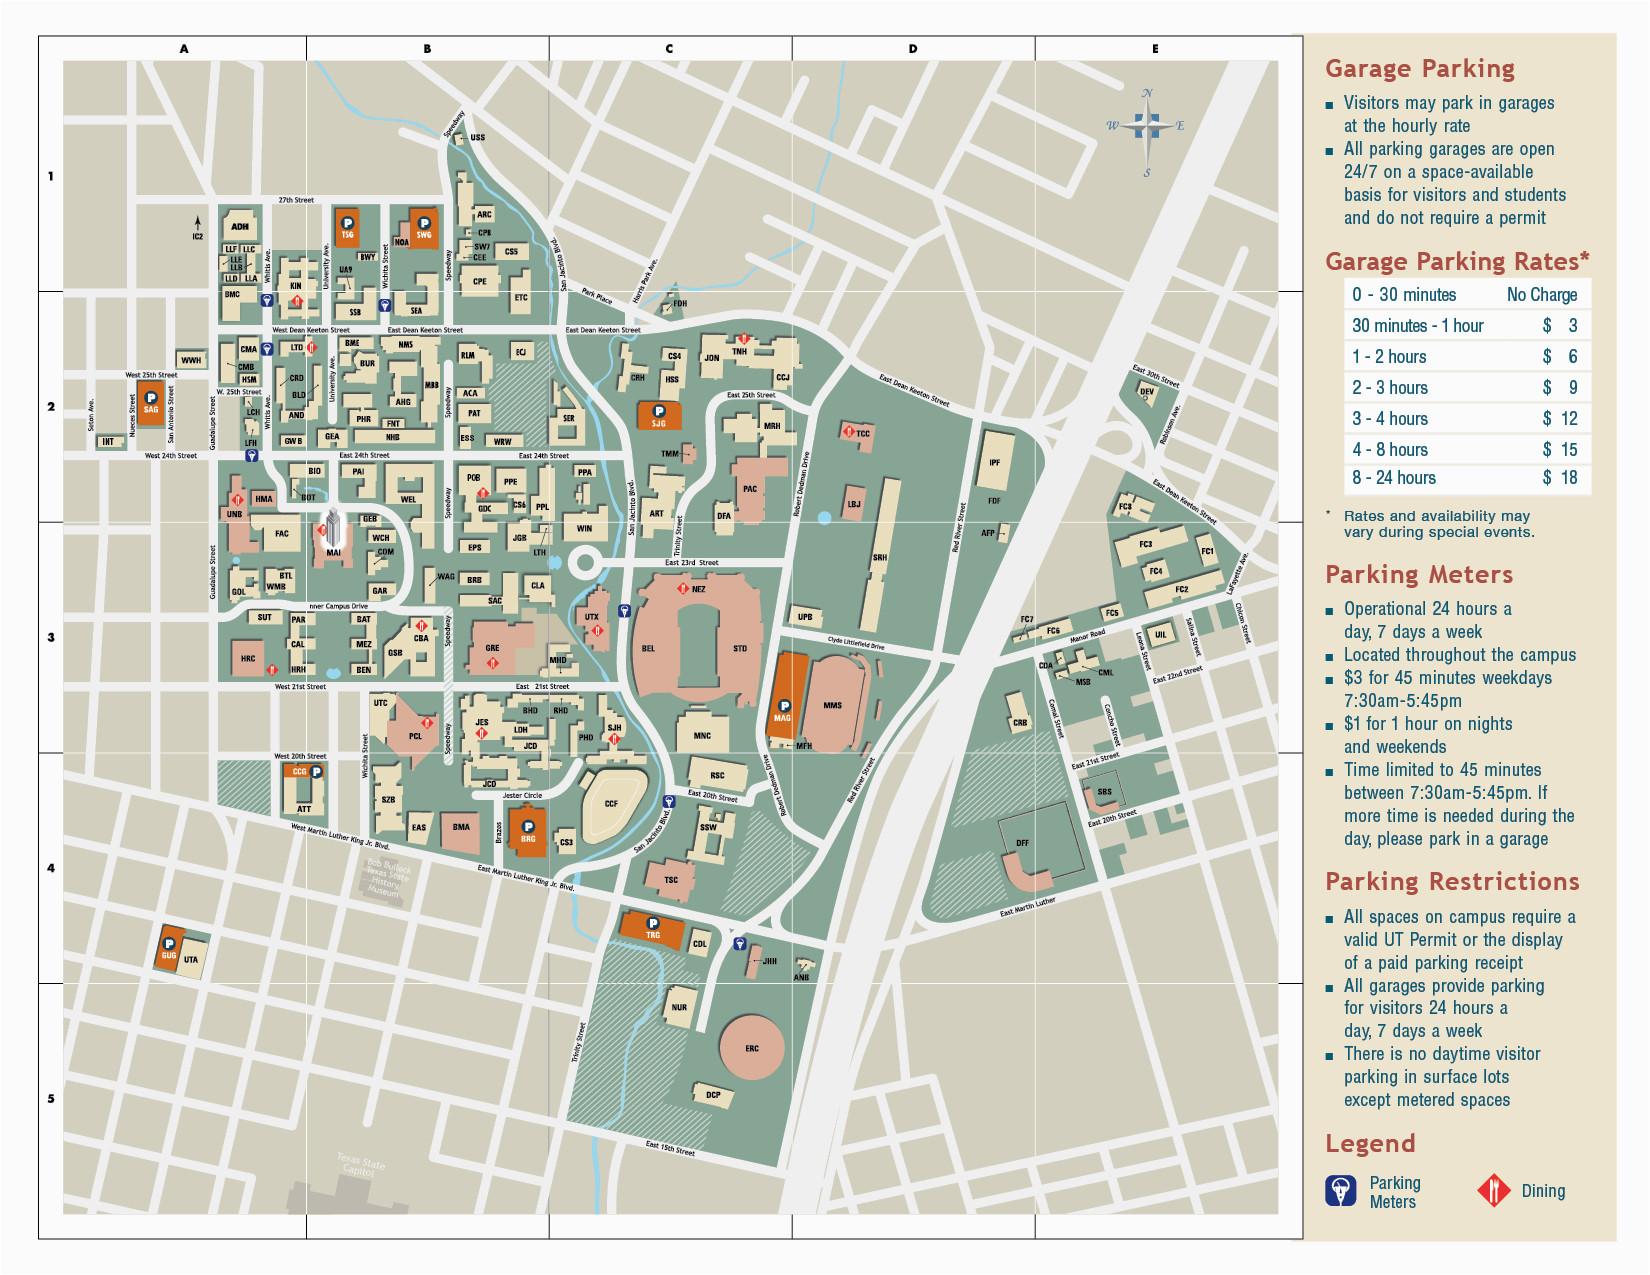 Map Of Texas Universities.Universities In Texas Map Secretmuseum